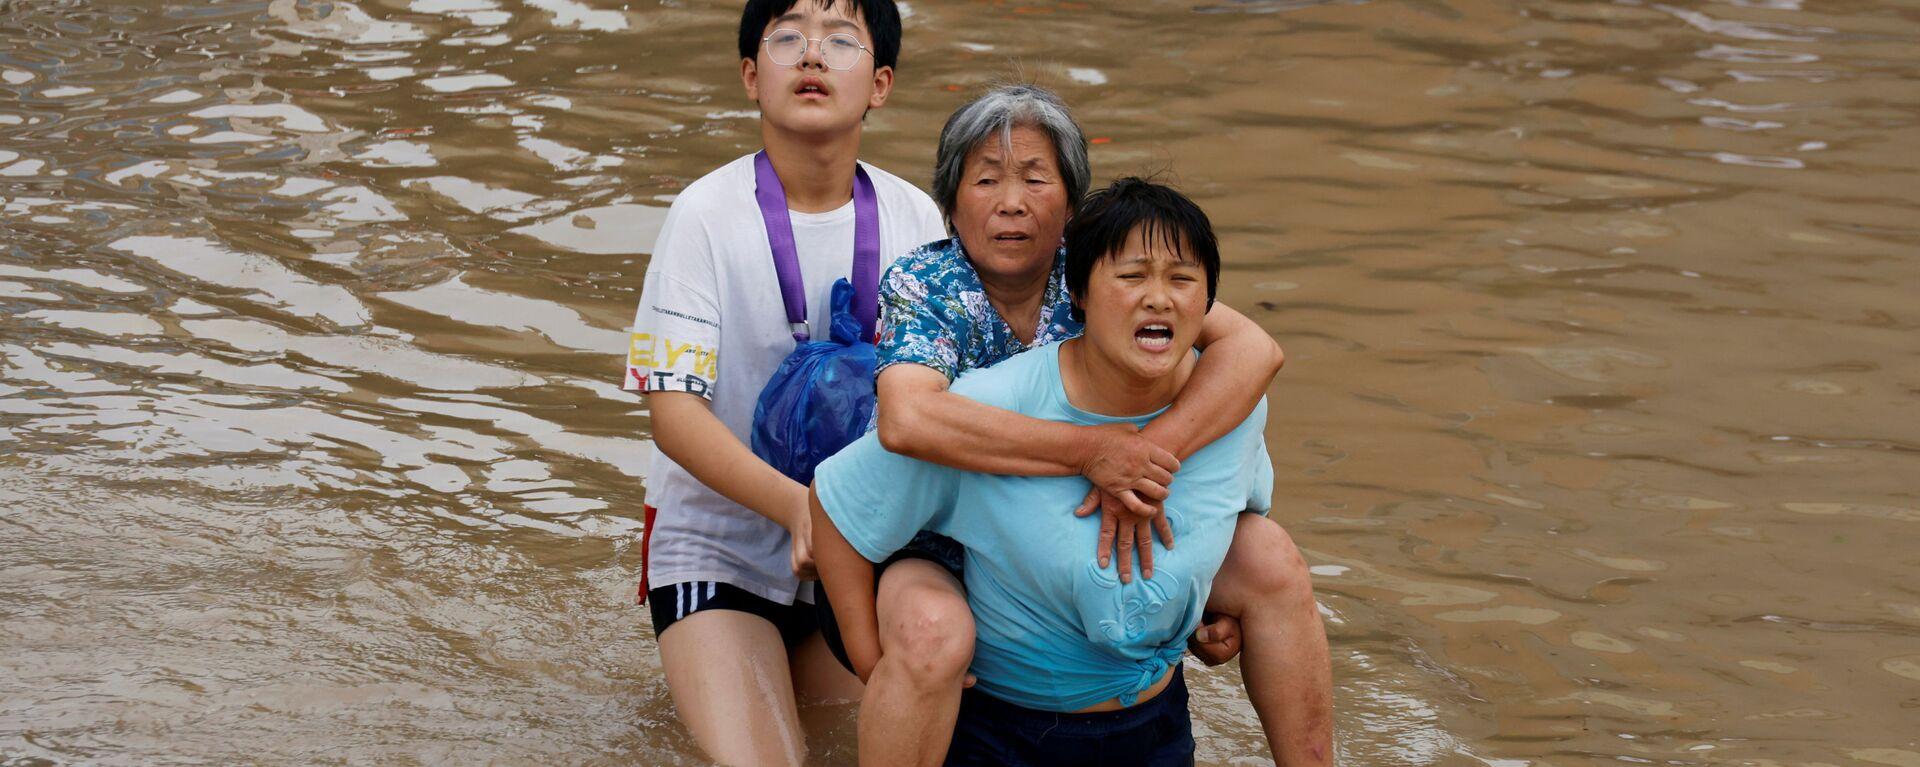 Женщина несет пожилую женщину  через паводковые воды после проливного дождя в Чжэнчжоу, провинция Хэнань, Китай - Sputnik Mundo, 1920, 26.07.2021